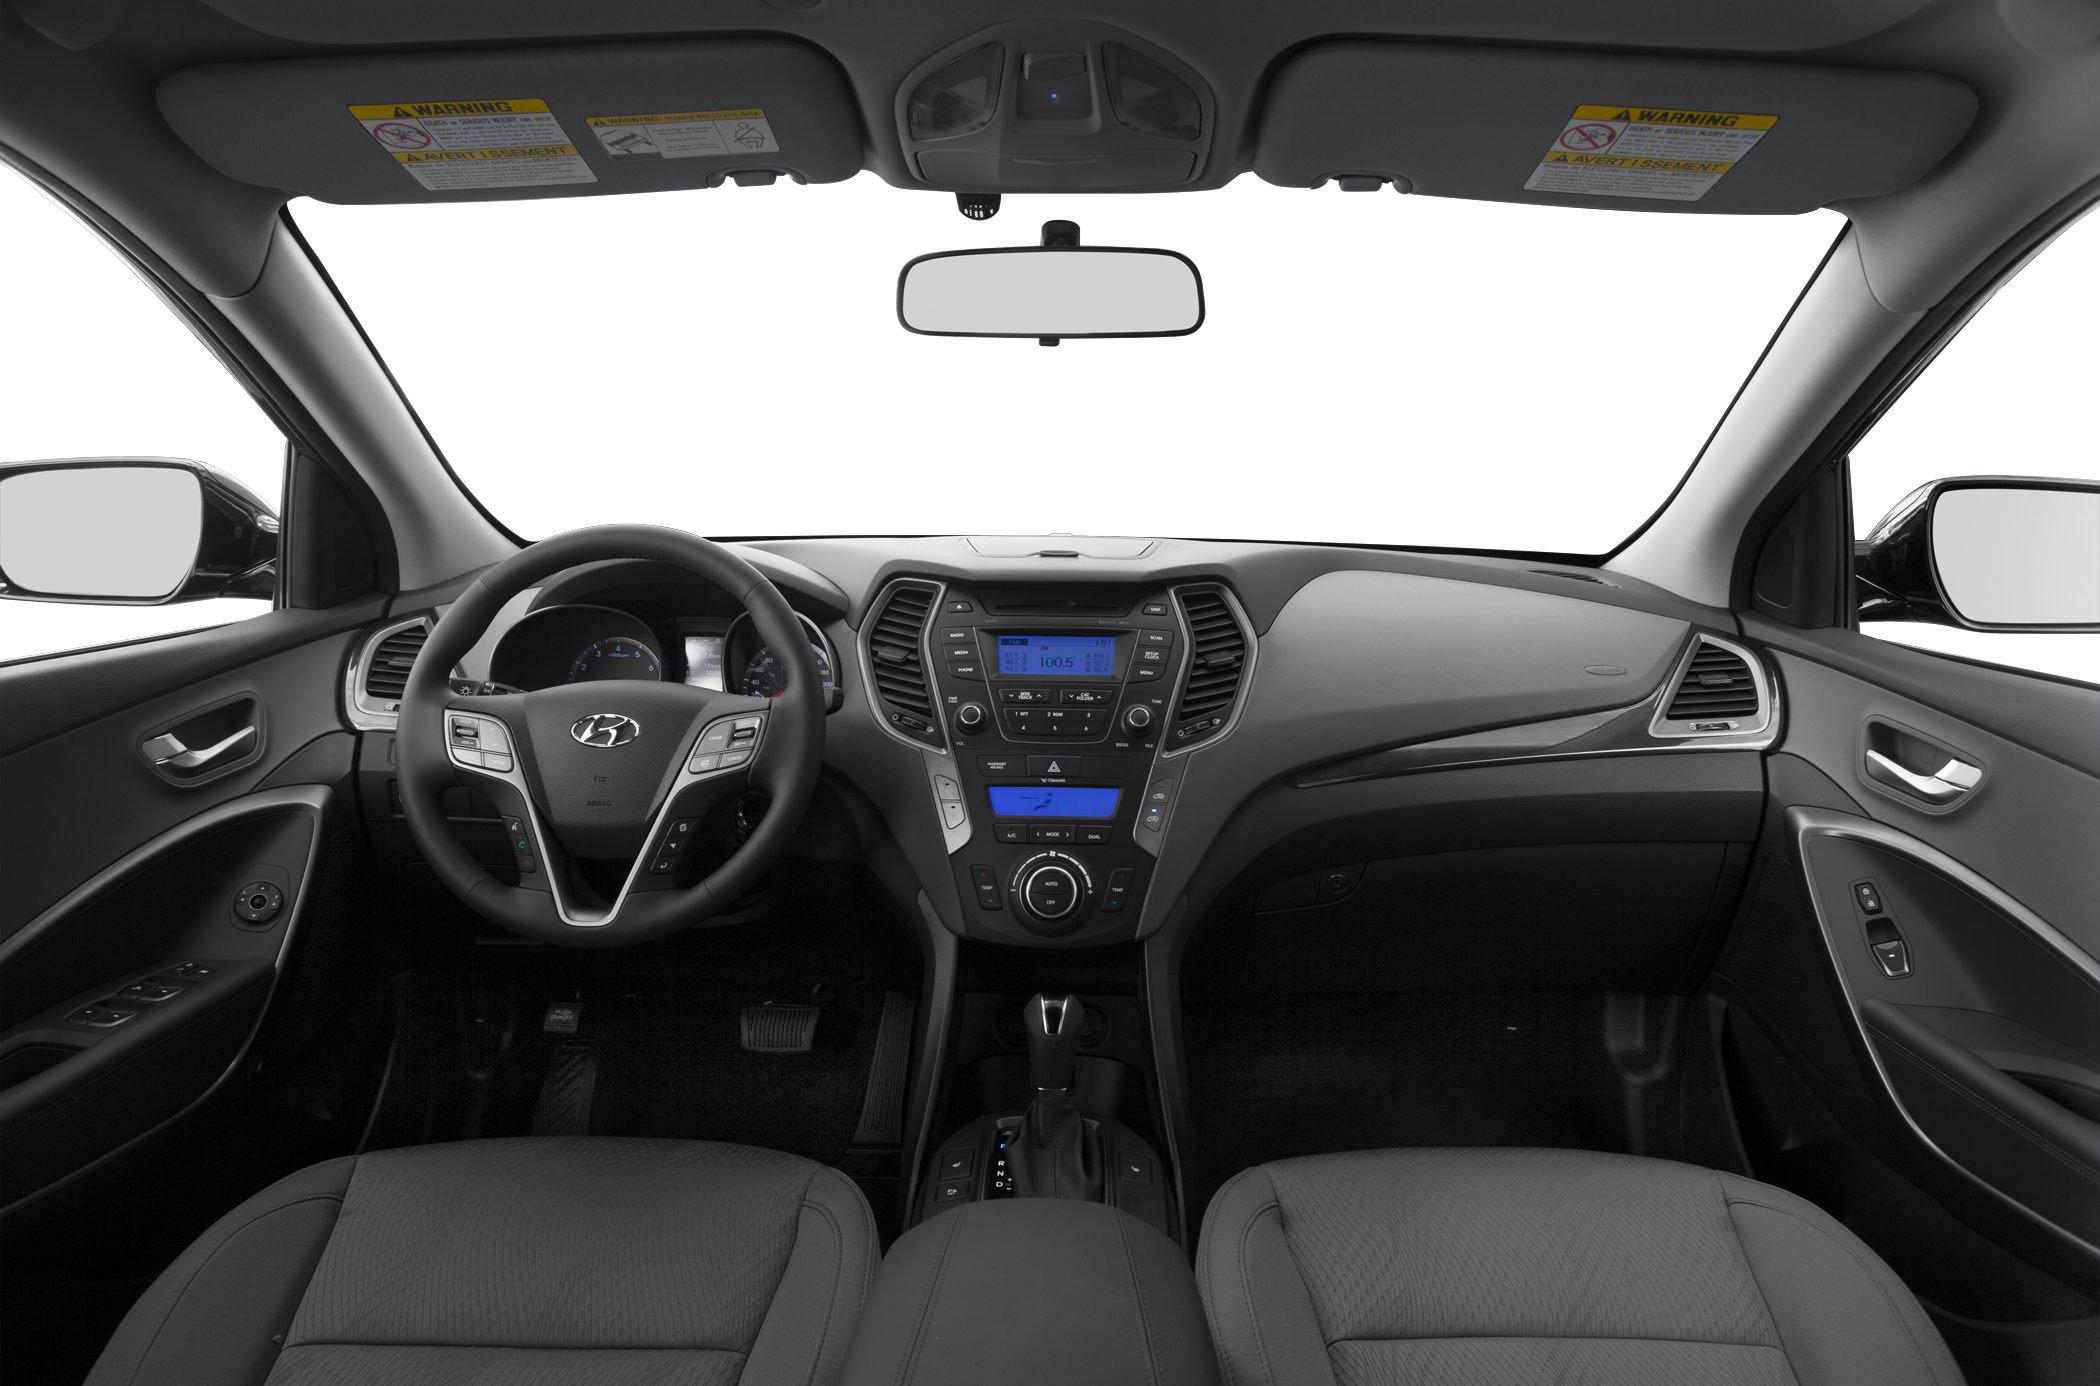 Comparison hyundai santa fe sport 2015 vs toyota - Hyundai santa fe sport interior photos ...